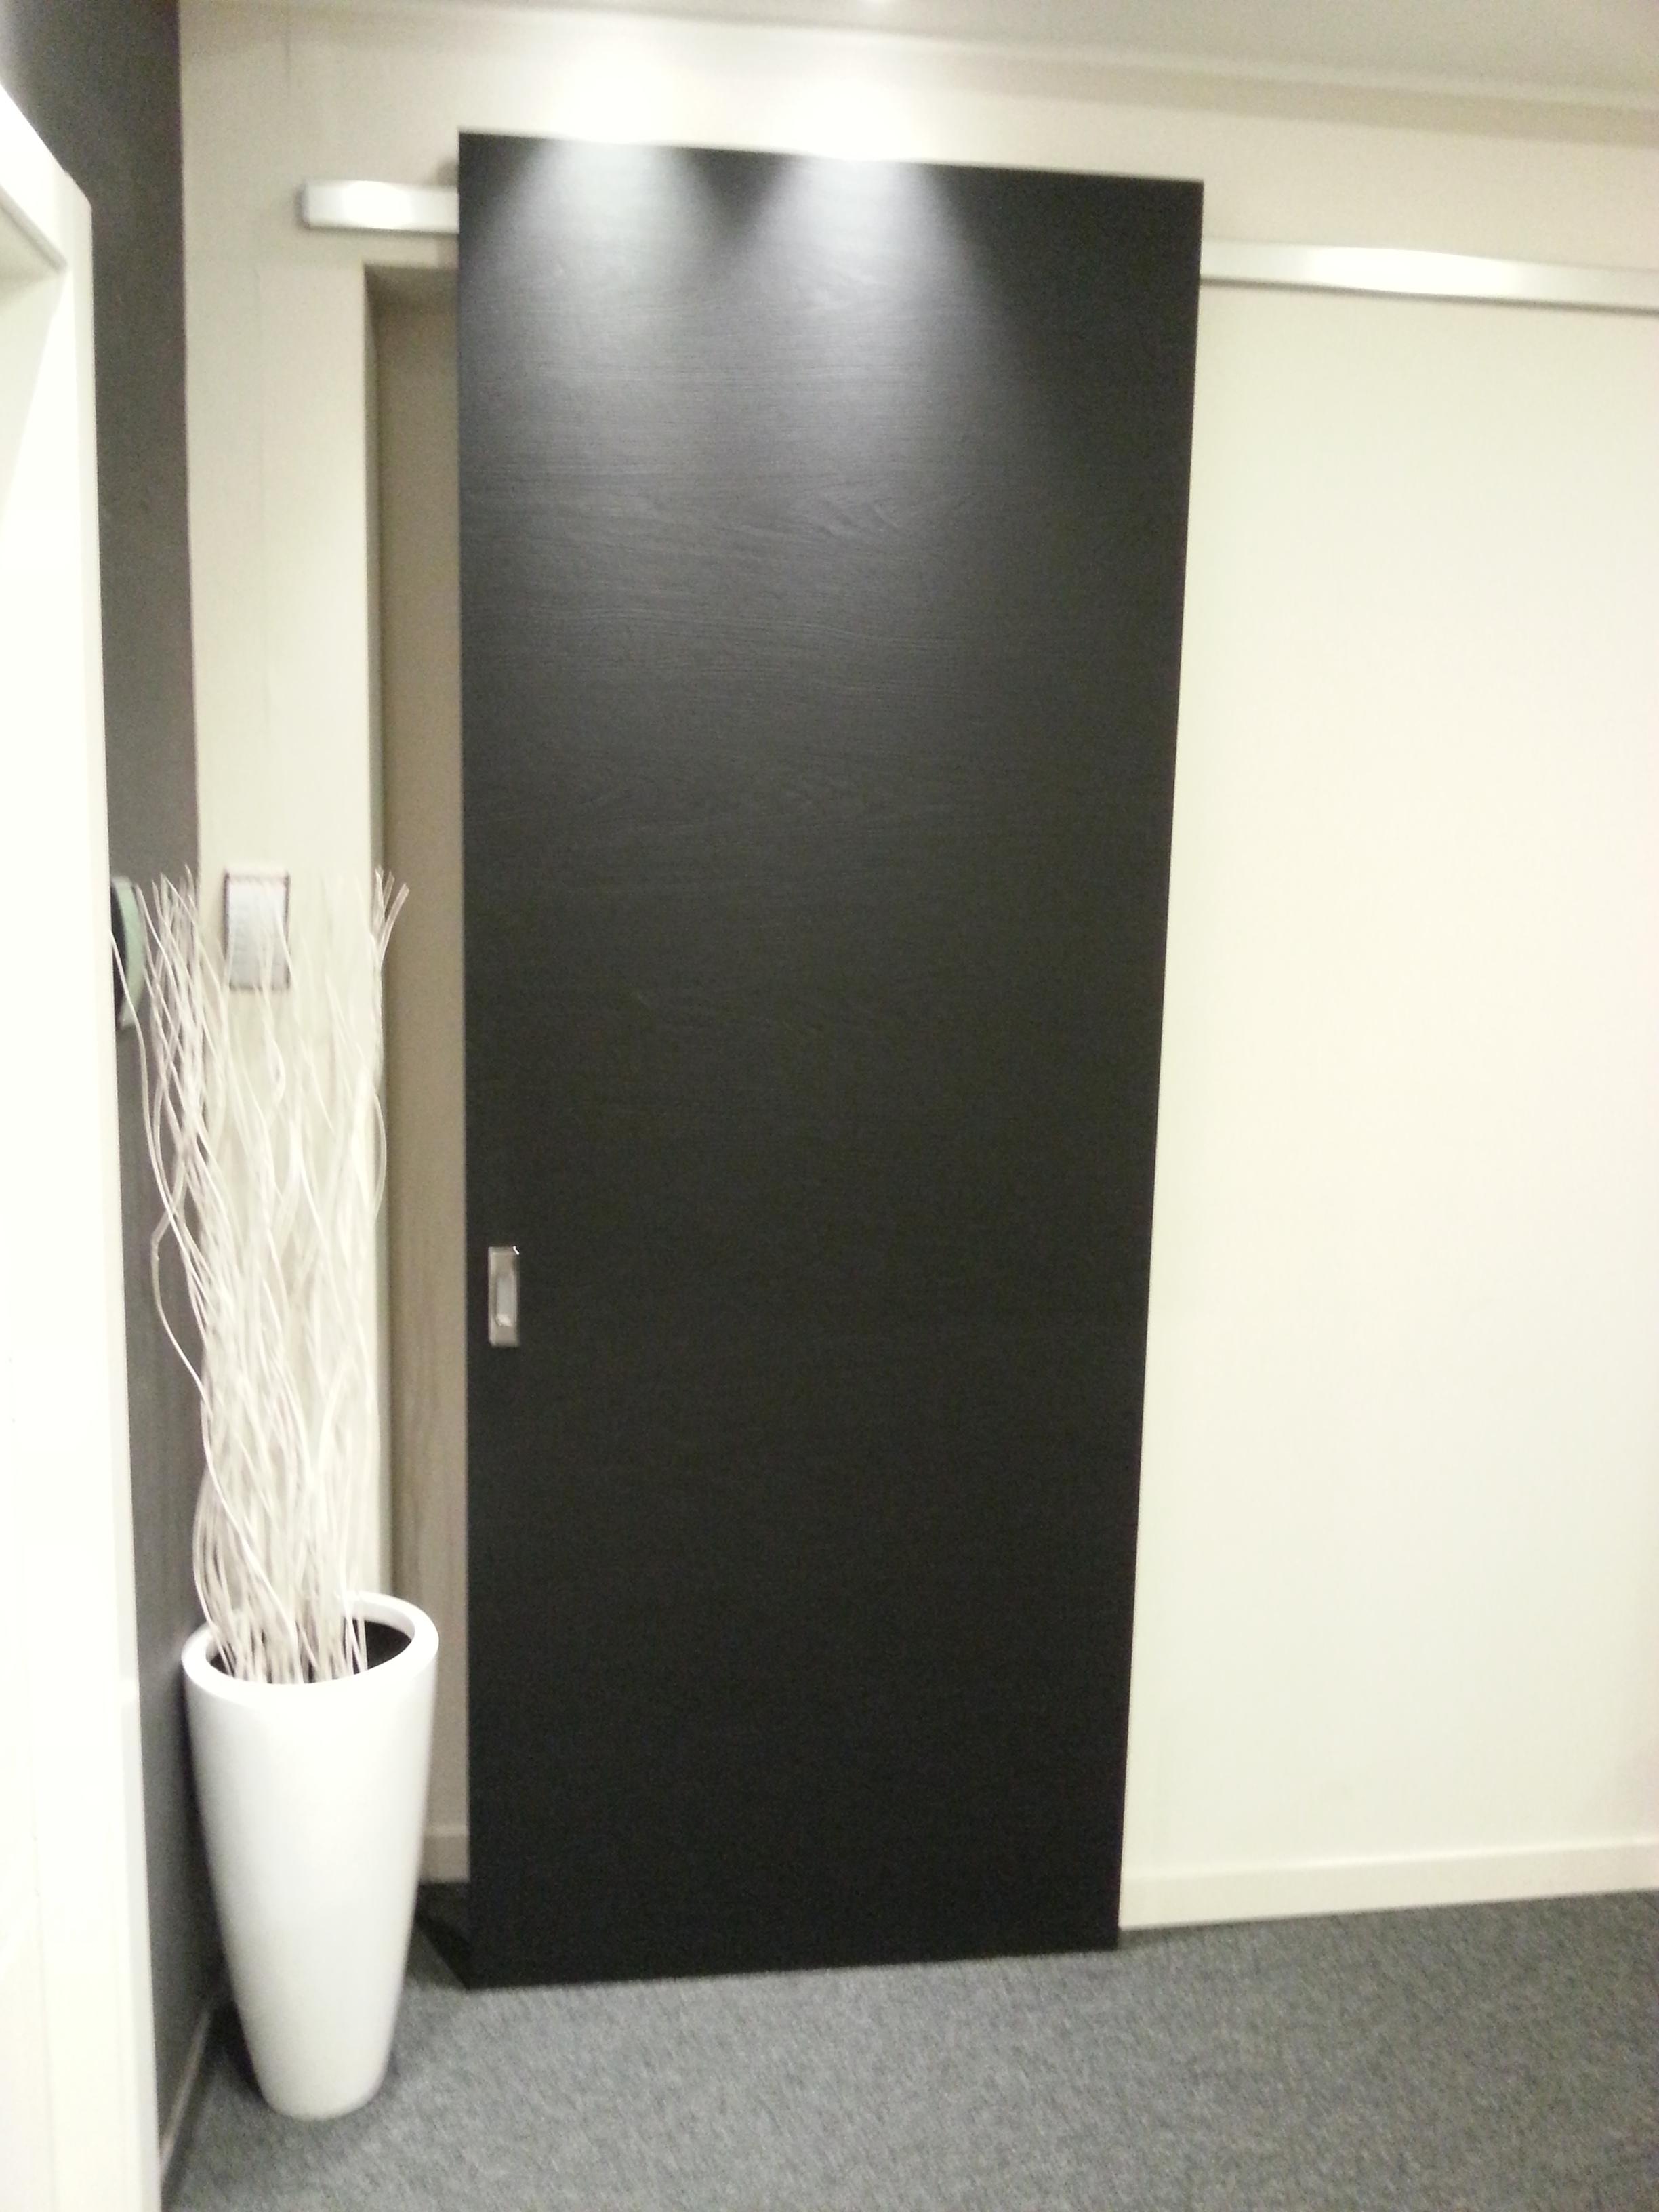 Porta scorrevole esterno muro finitura nero poro aperto - Porta scorrevole esterna muro ...